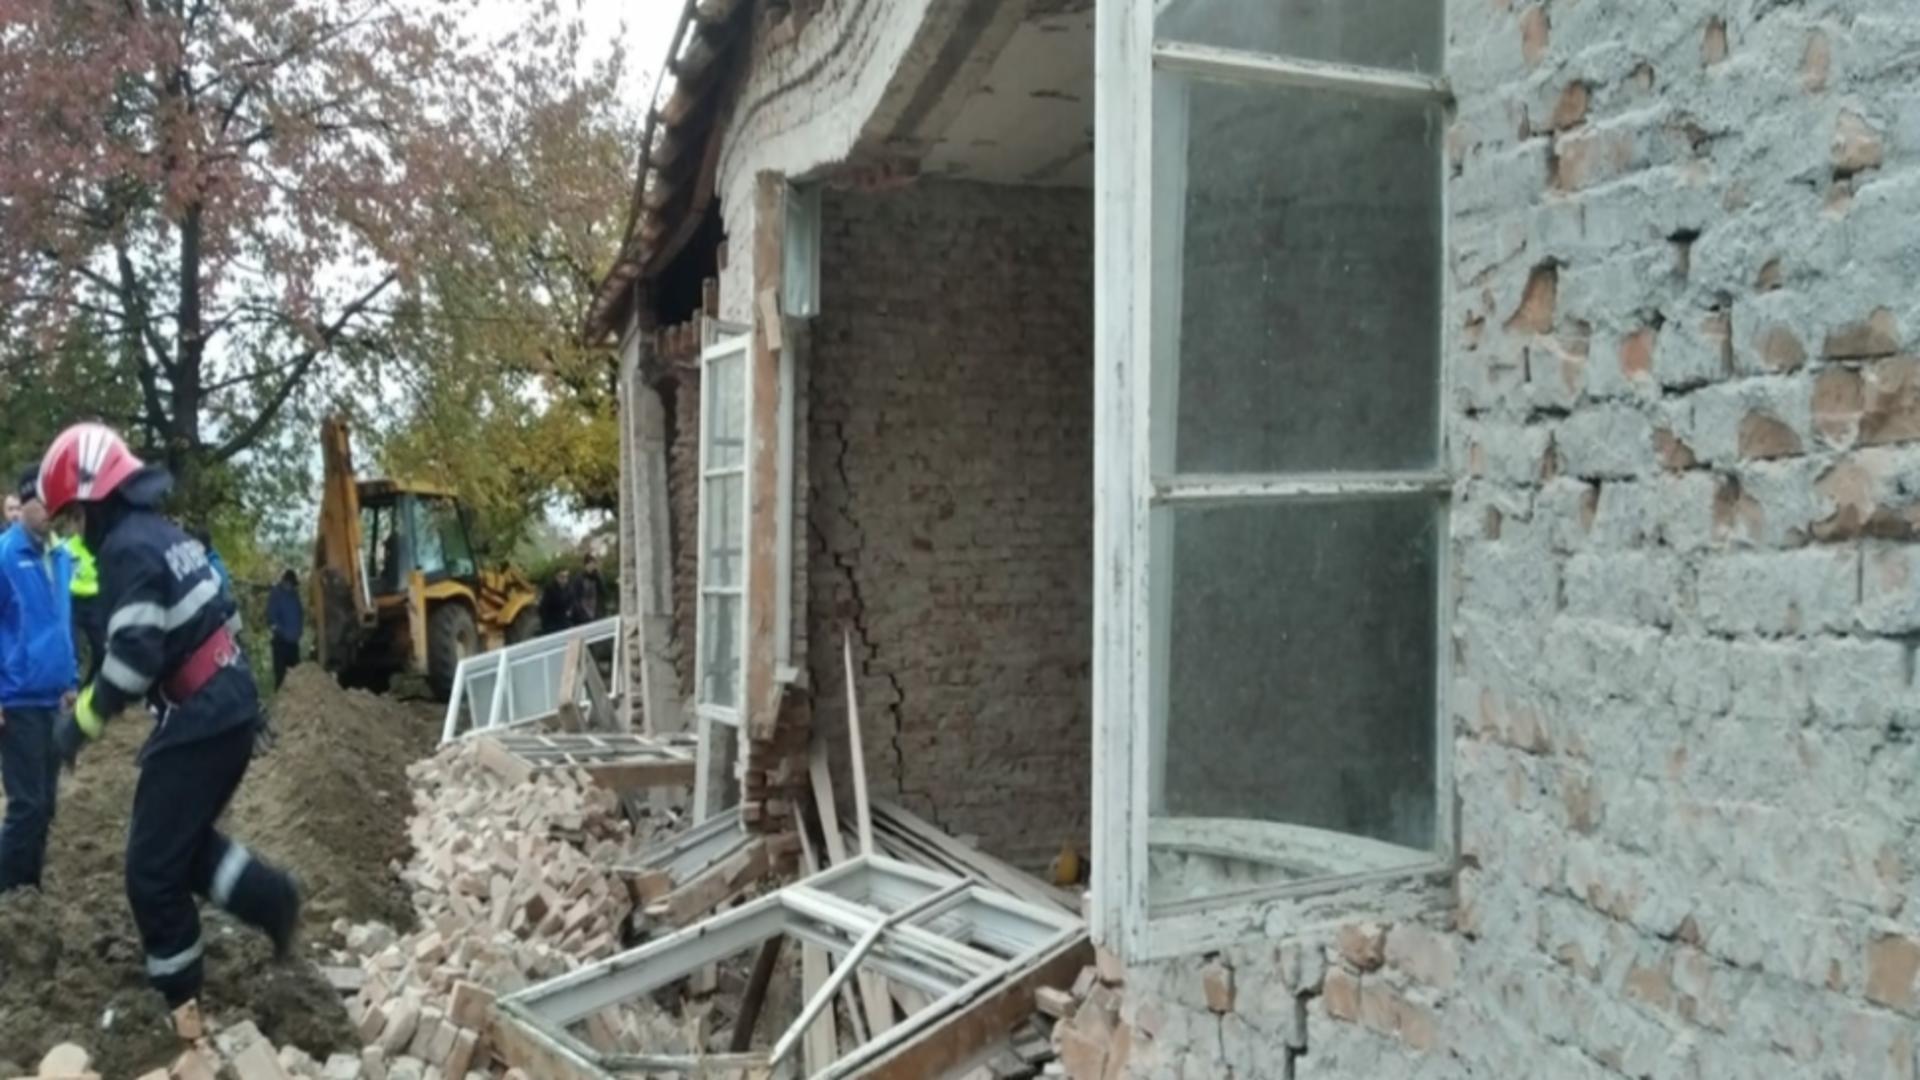 Perete prăbușit în județul Bacău: Un mort și o persoană dispărută